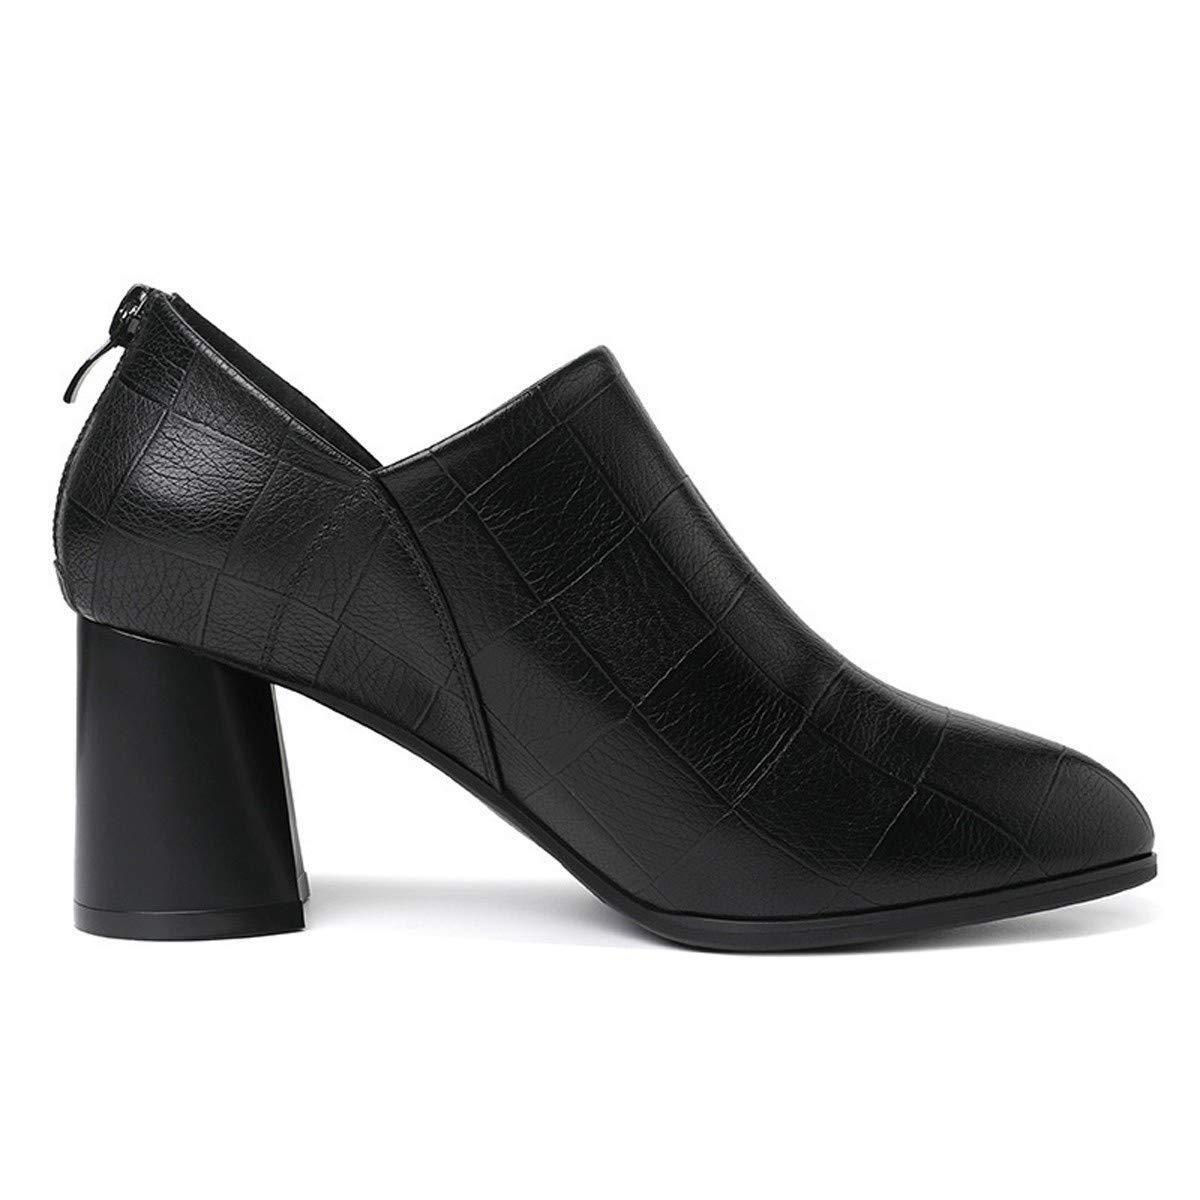 Thirty-eight noir SFSYDDY Chaussures Populaires Nouveau Talon Haut Chaussures 6 5 Cm De Talon Haut Talon épais De Style Britannique A Souligné Les Chaussures De Femmes.